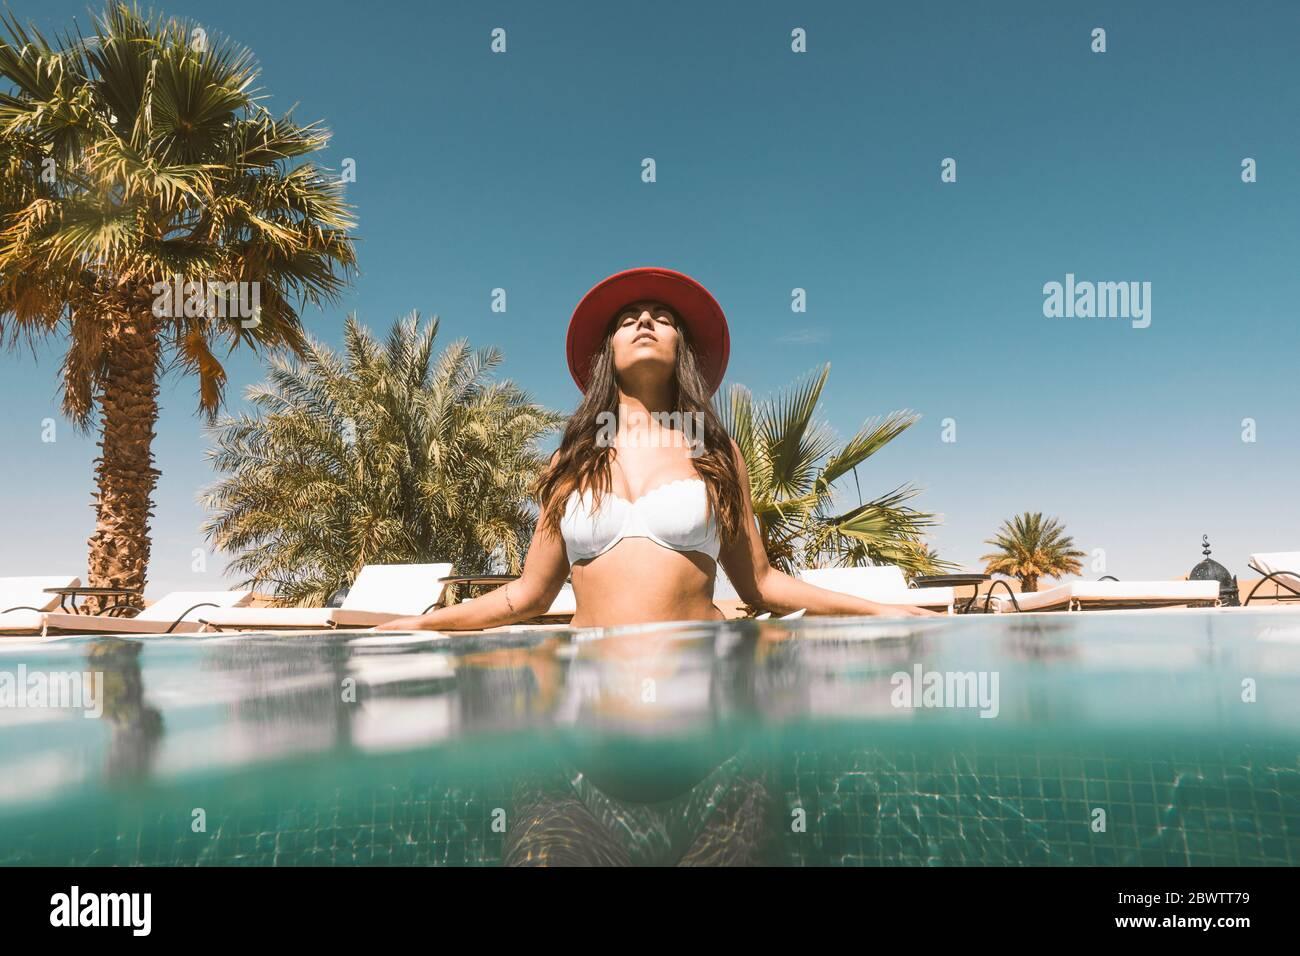 Ritratto di giovane donna che si rilassa in piscina, Marocco Foto Stock